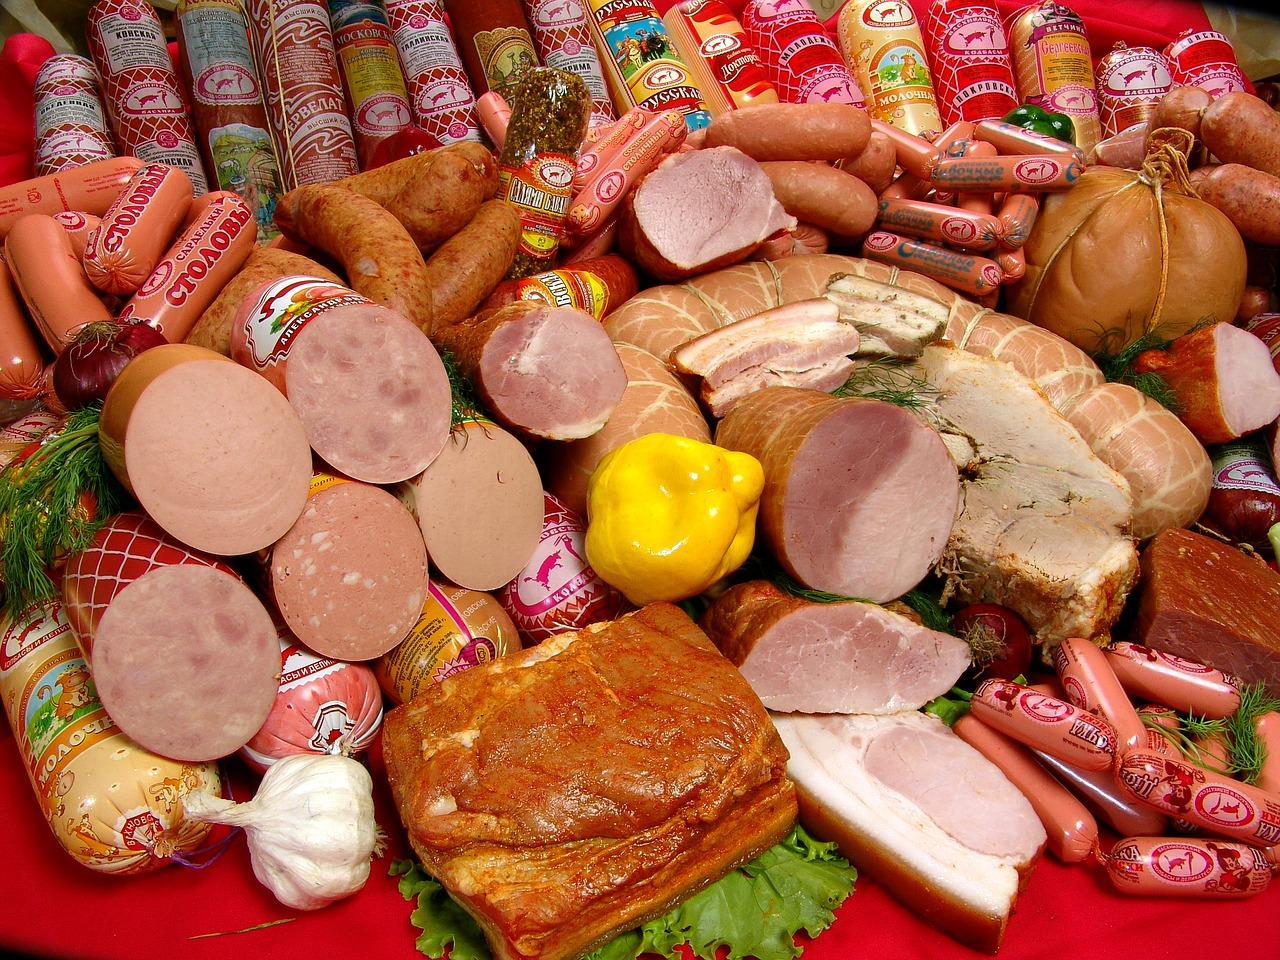 фото Мифы о ГОСТах  в СССР: в колбасу добавляли крахмал, муку и картон 3